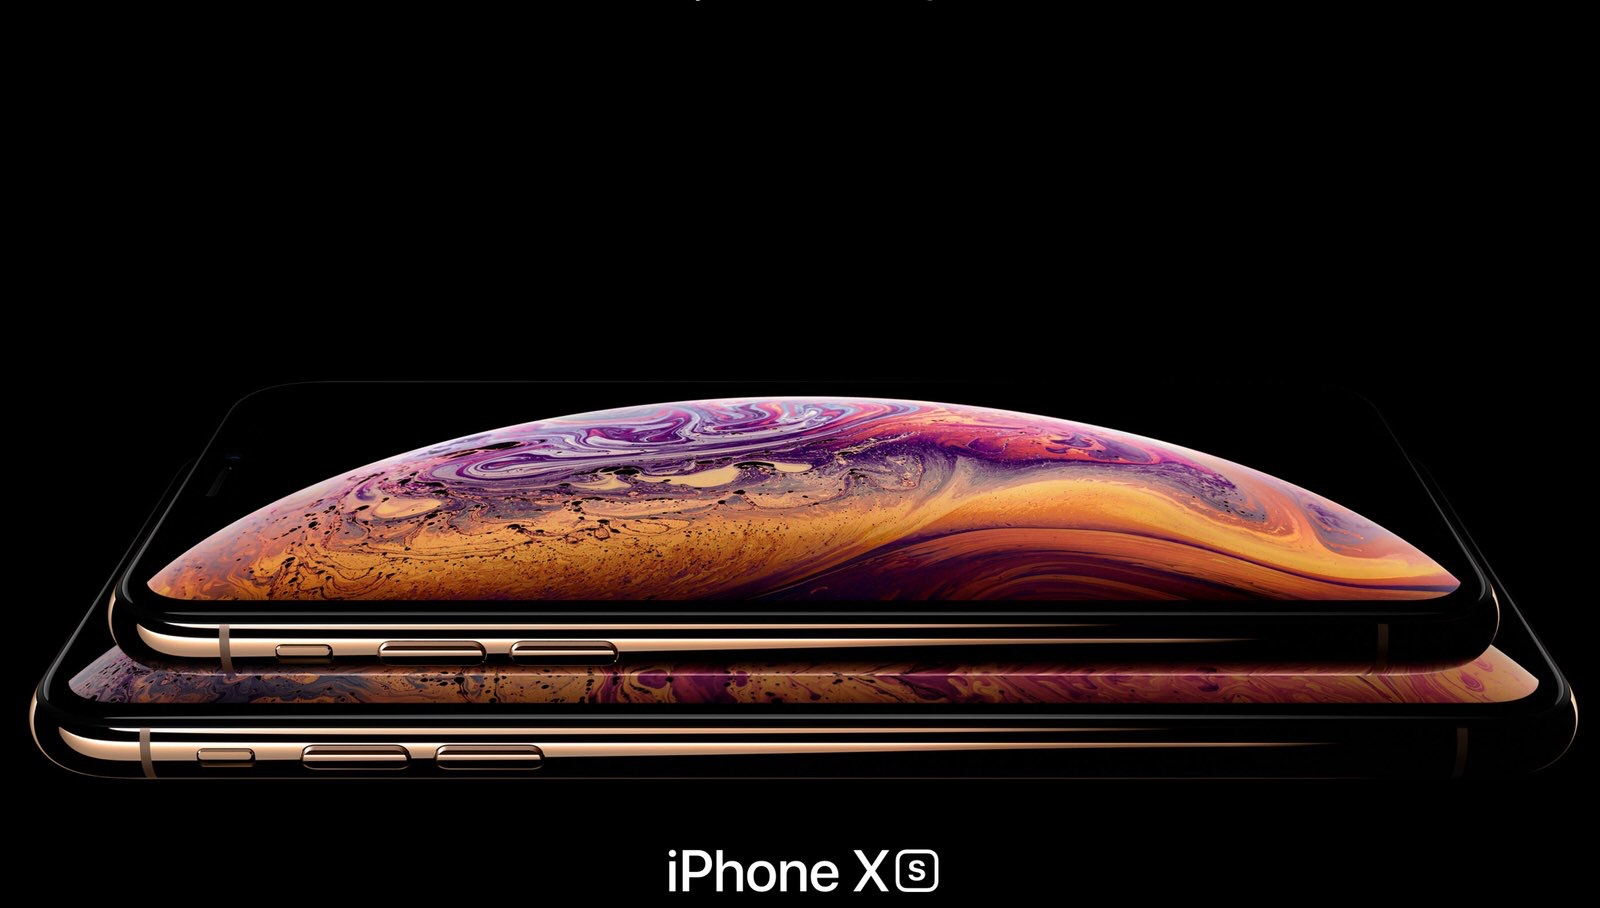 [Apple]新型iPhoneが発表されたので実際購入するとどのくらいかかるか試算してみたよ